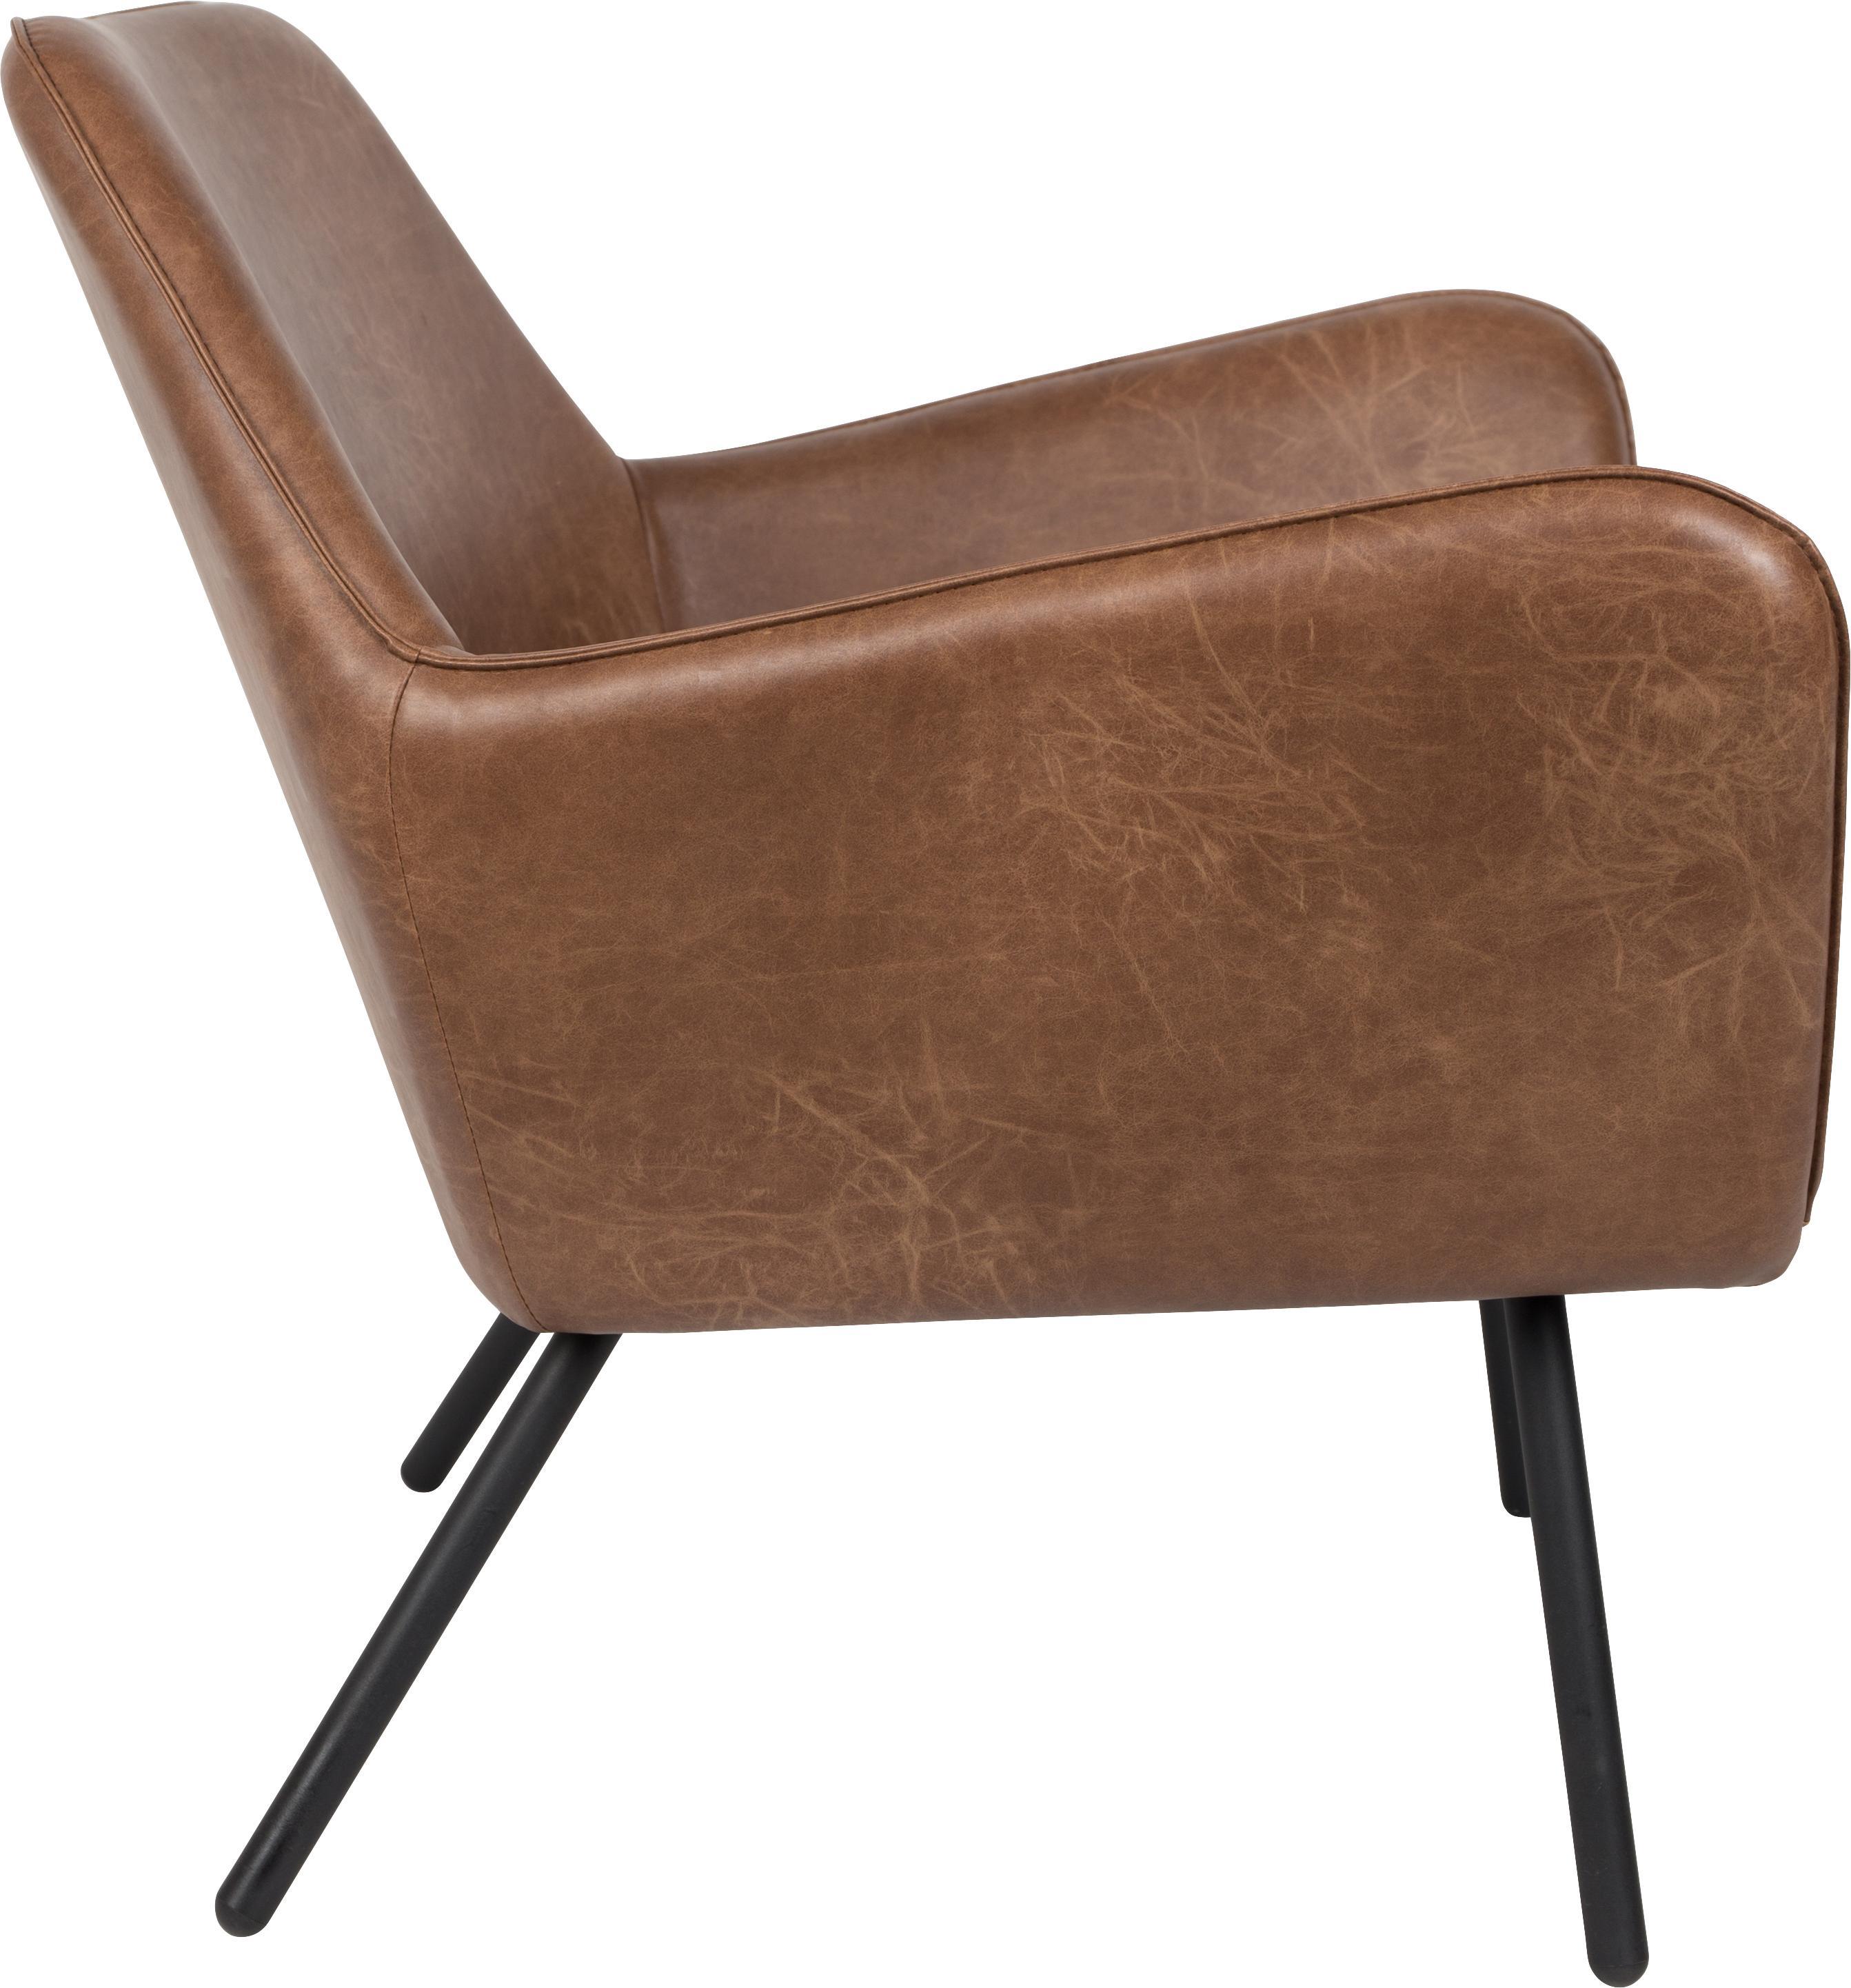 Fauteuil design industriel en cuir synthétique Bon, Revêtement: brun, léger relief Pieds: noir